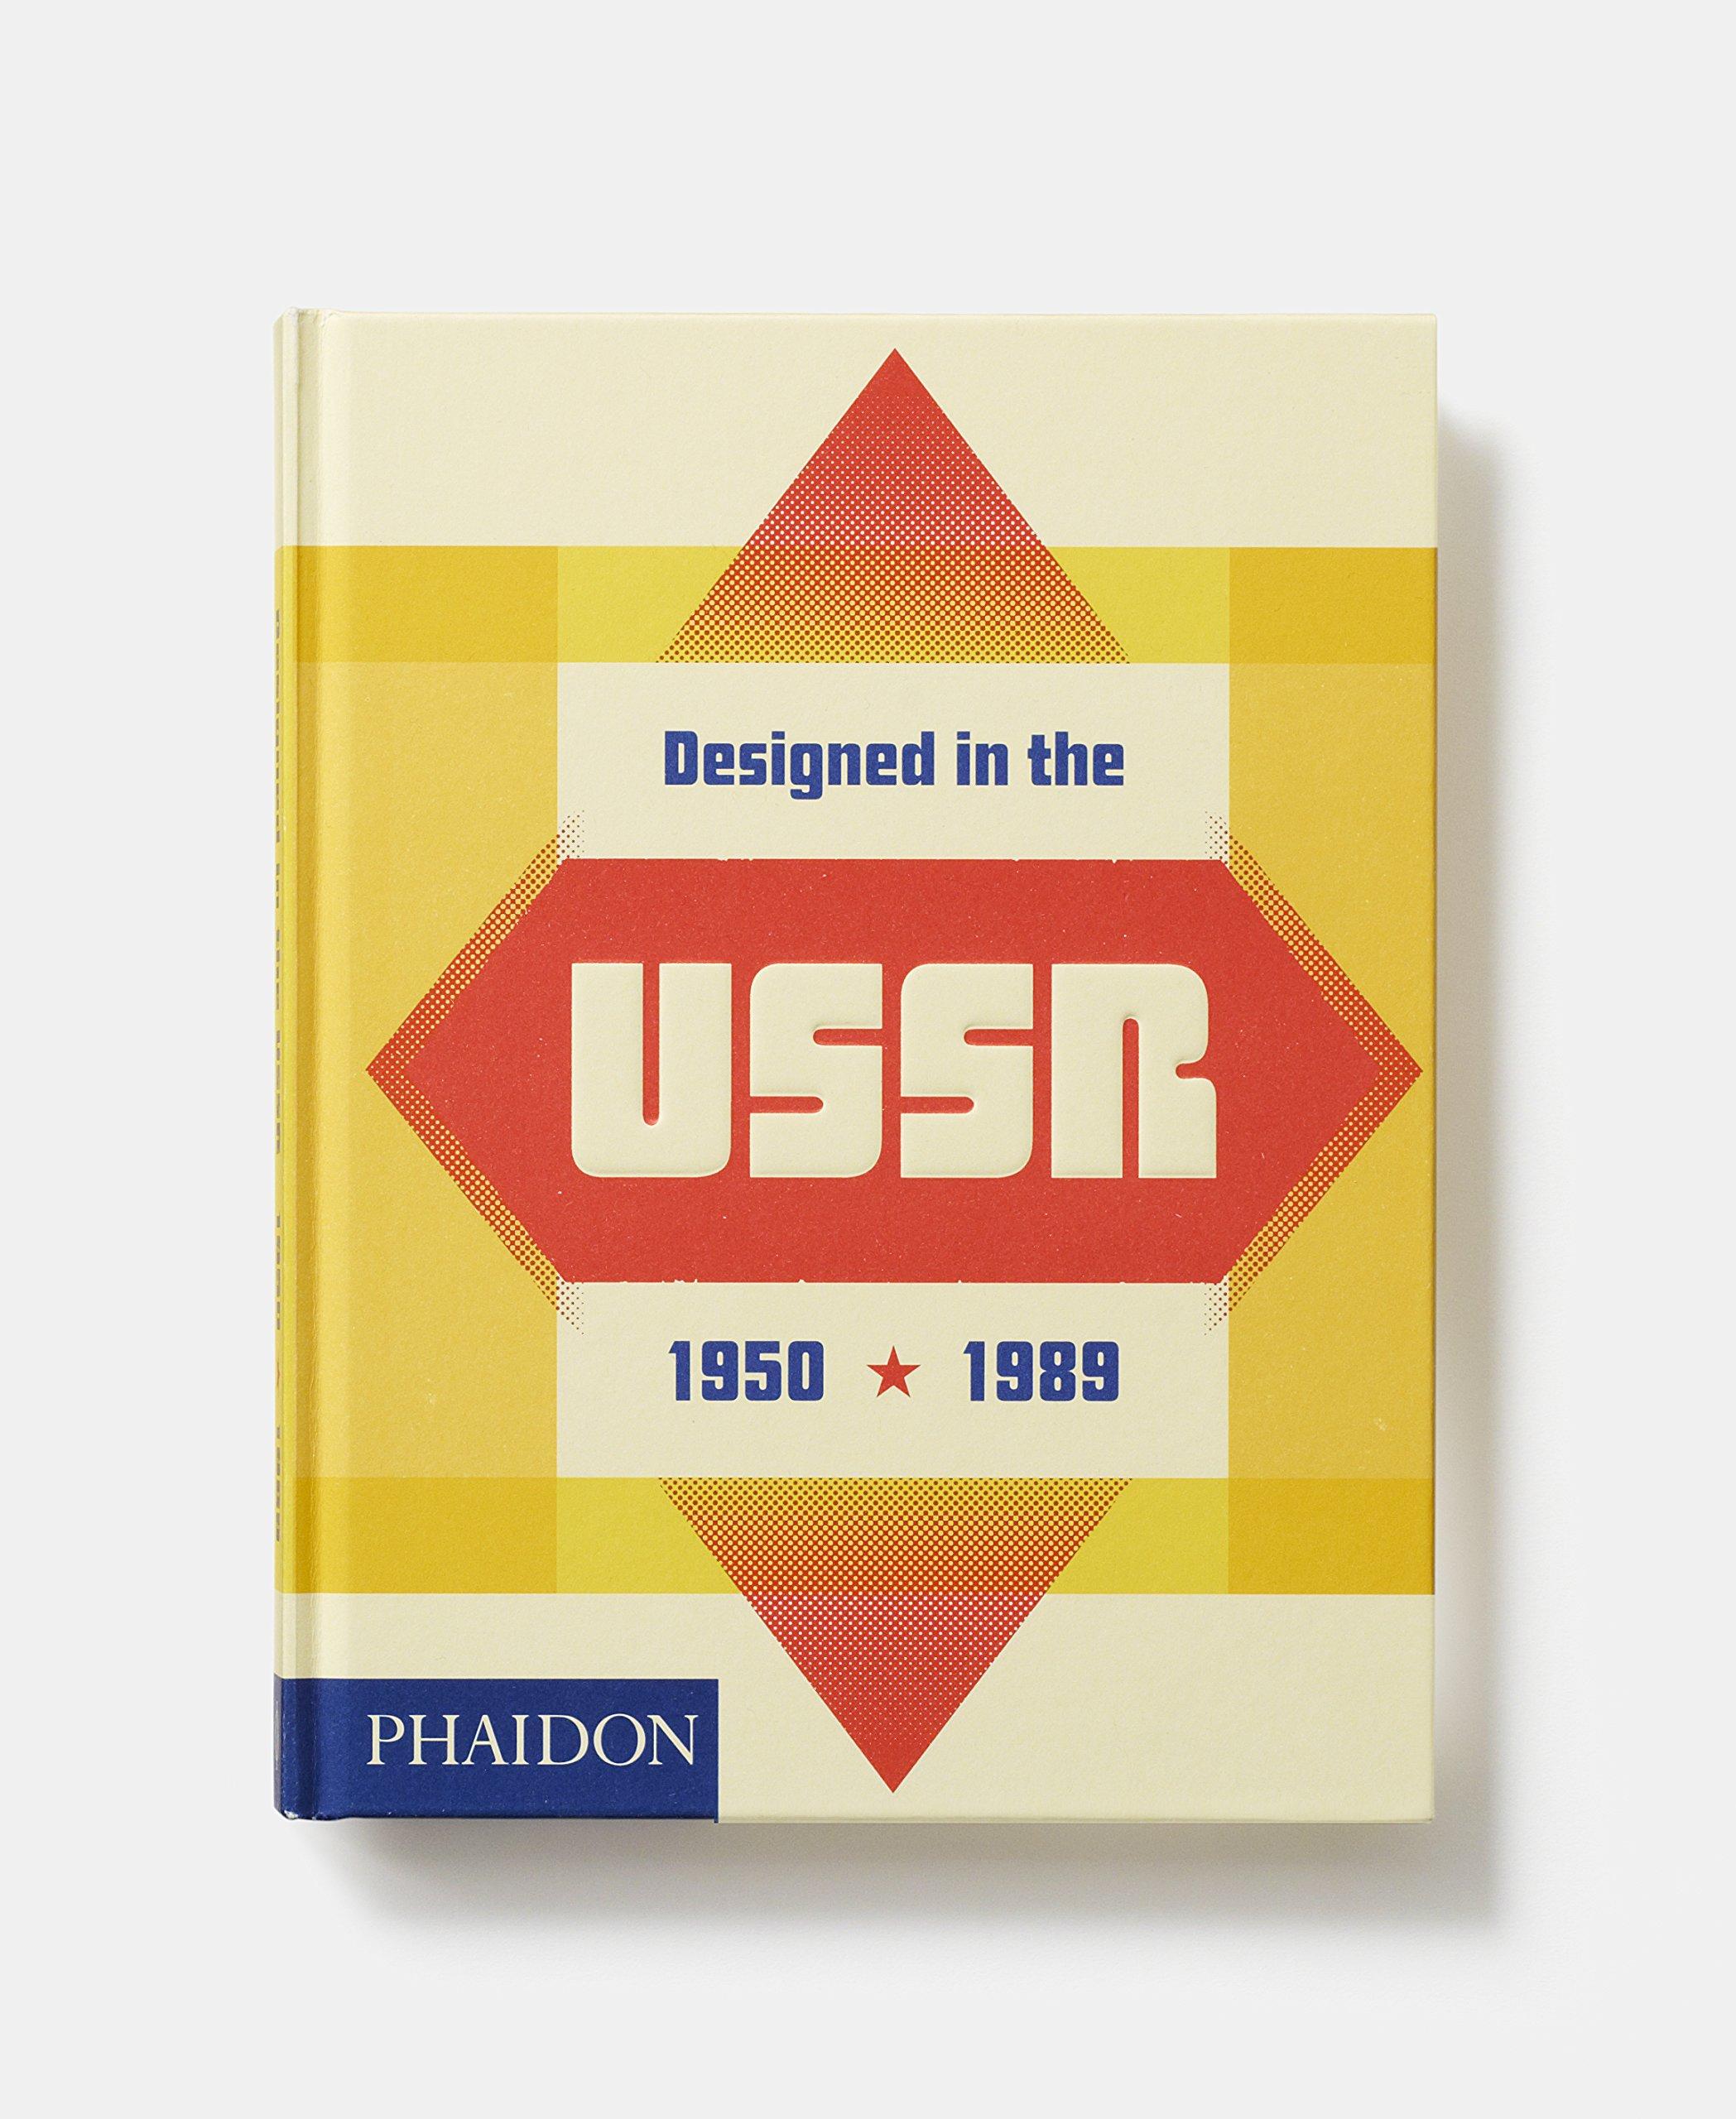 Sowjet-Design in einem wunderschönen Bildband   PAGE online